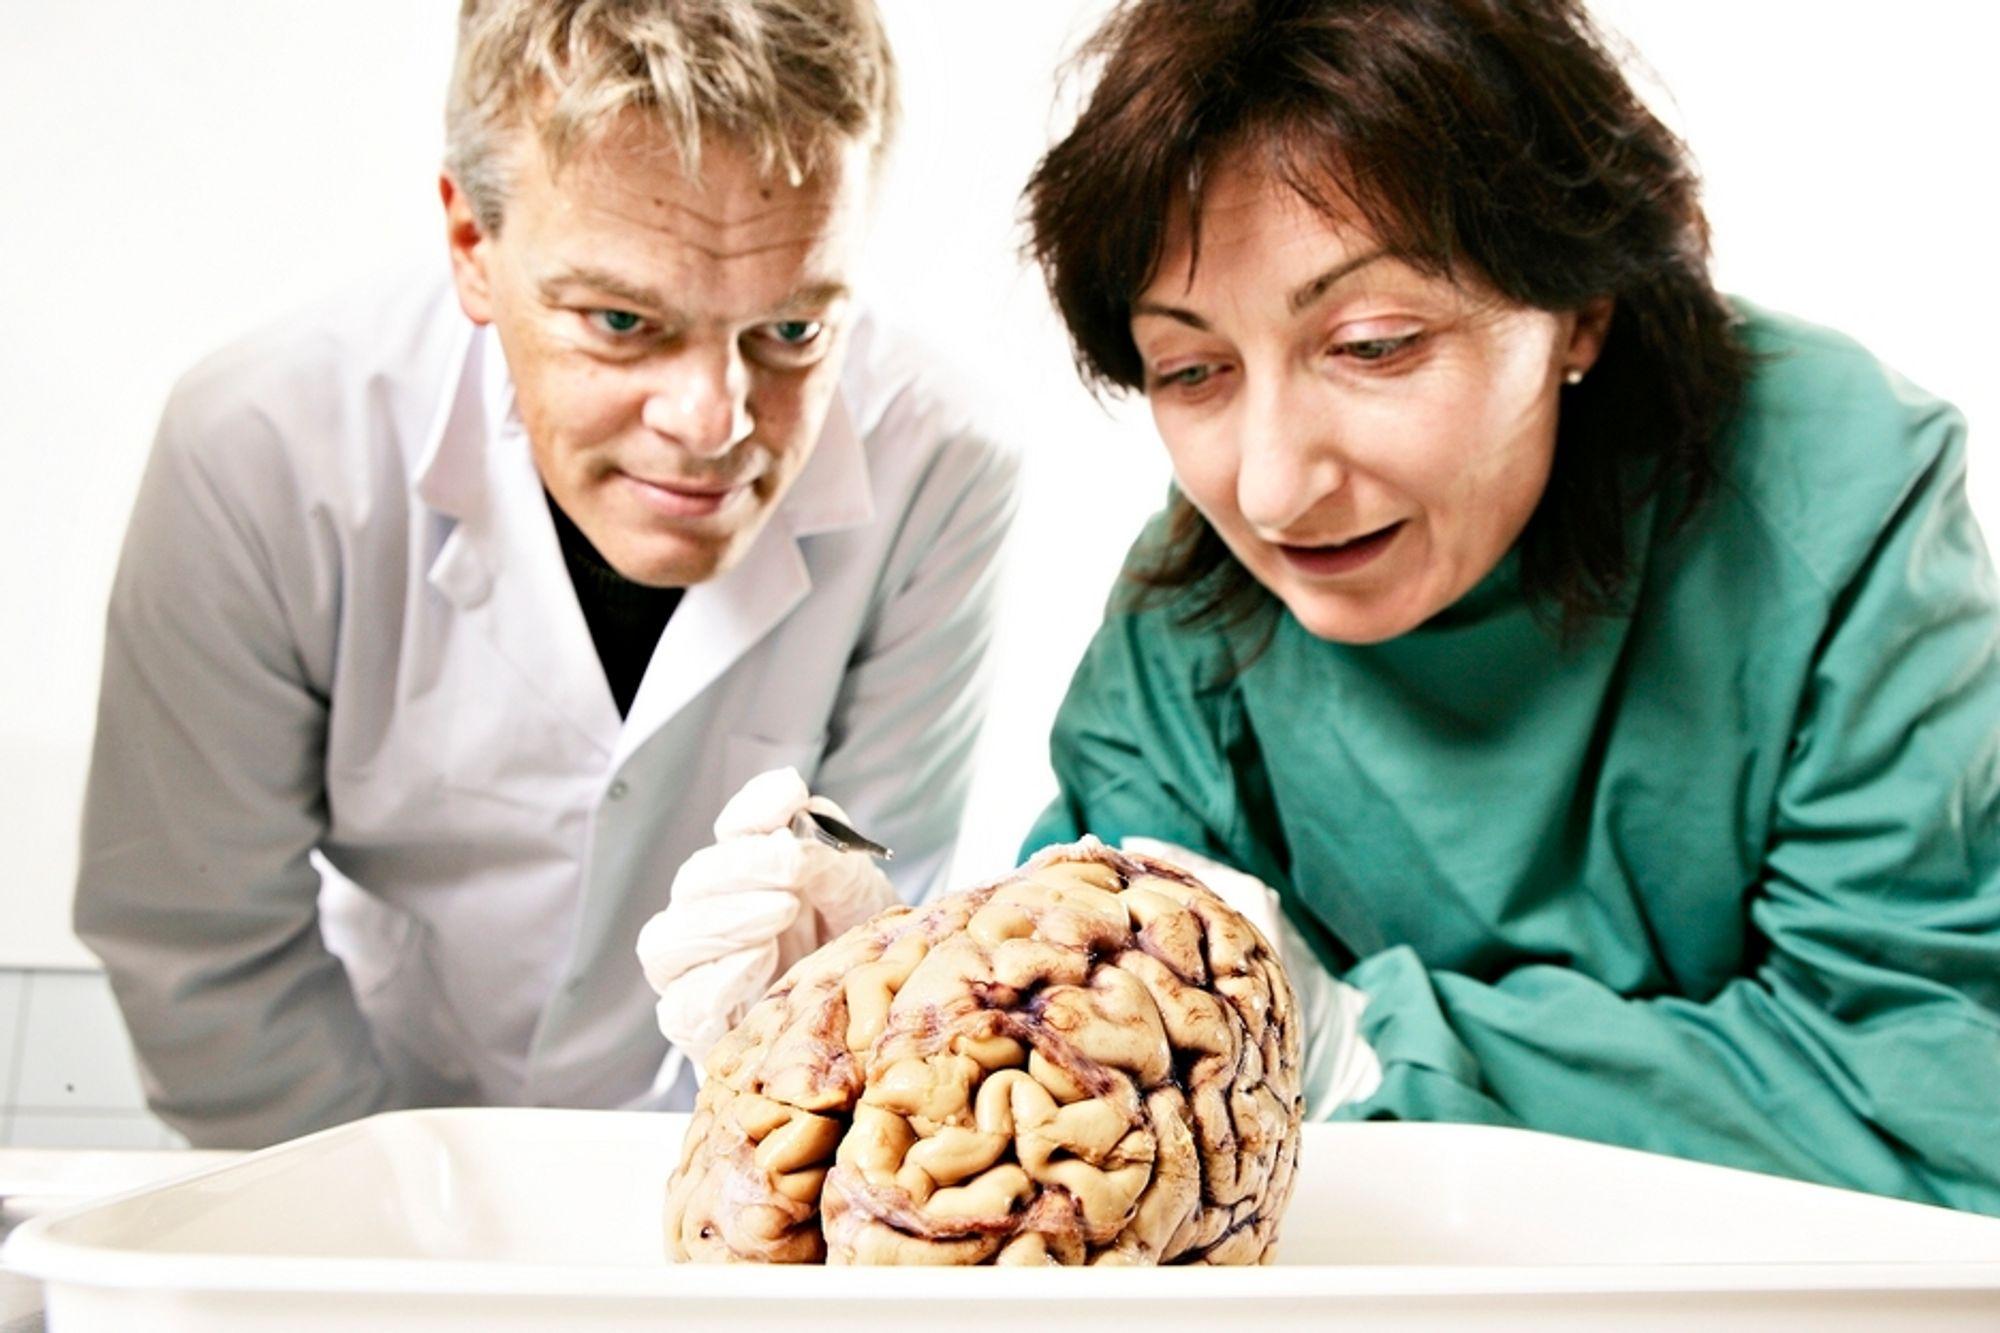 Professorene Edvard og May-Britt Moser ved The Kavli Institute for Systems Neuroscience (KI) / Centre for the Biology of Memory (CBM) kan se frem mot en tidobling av laboratoriearealene med nye midler fra NTNU.